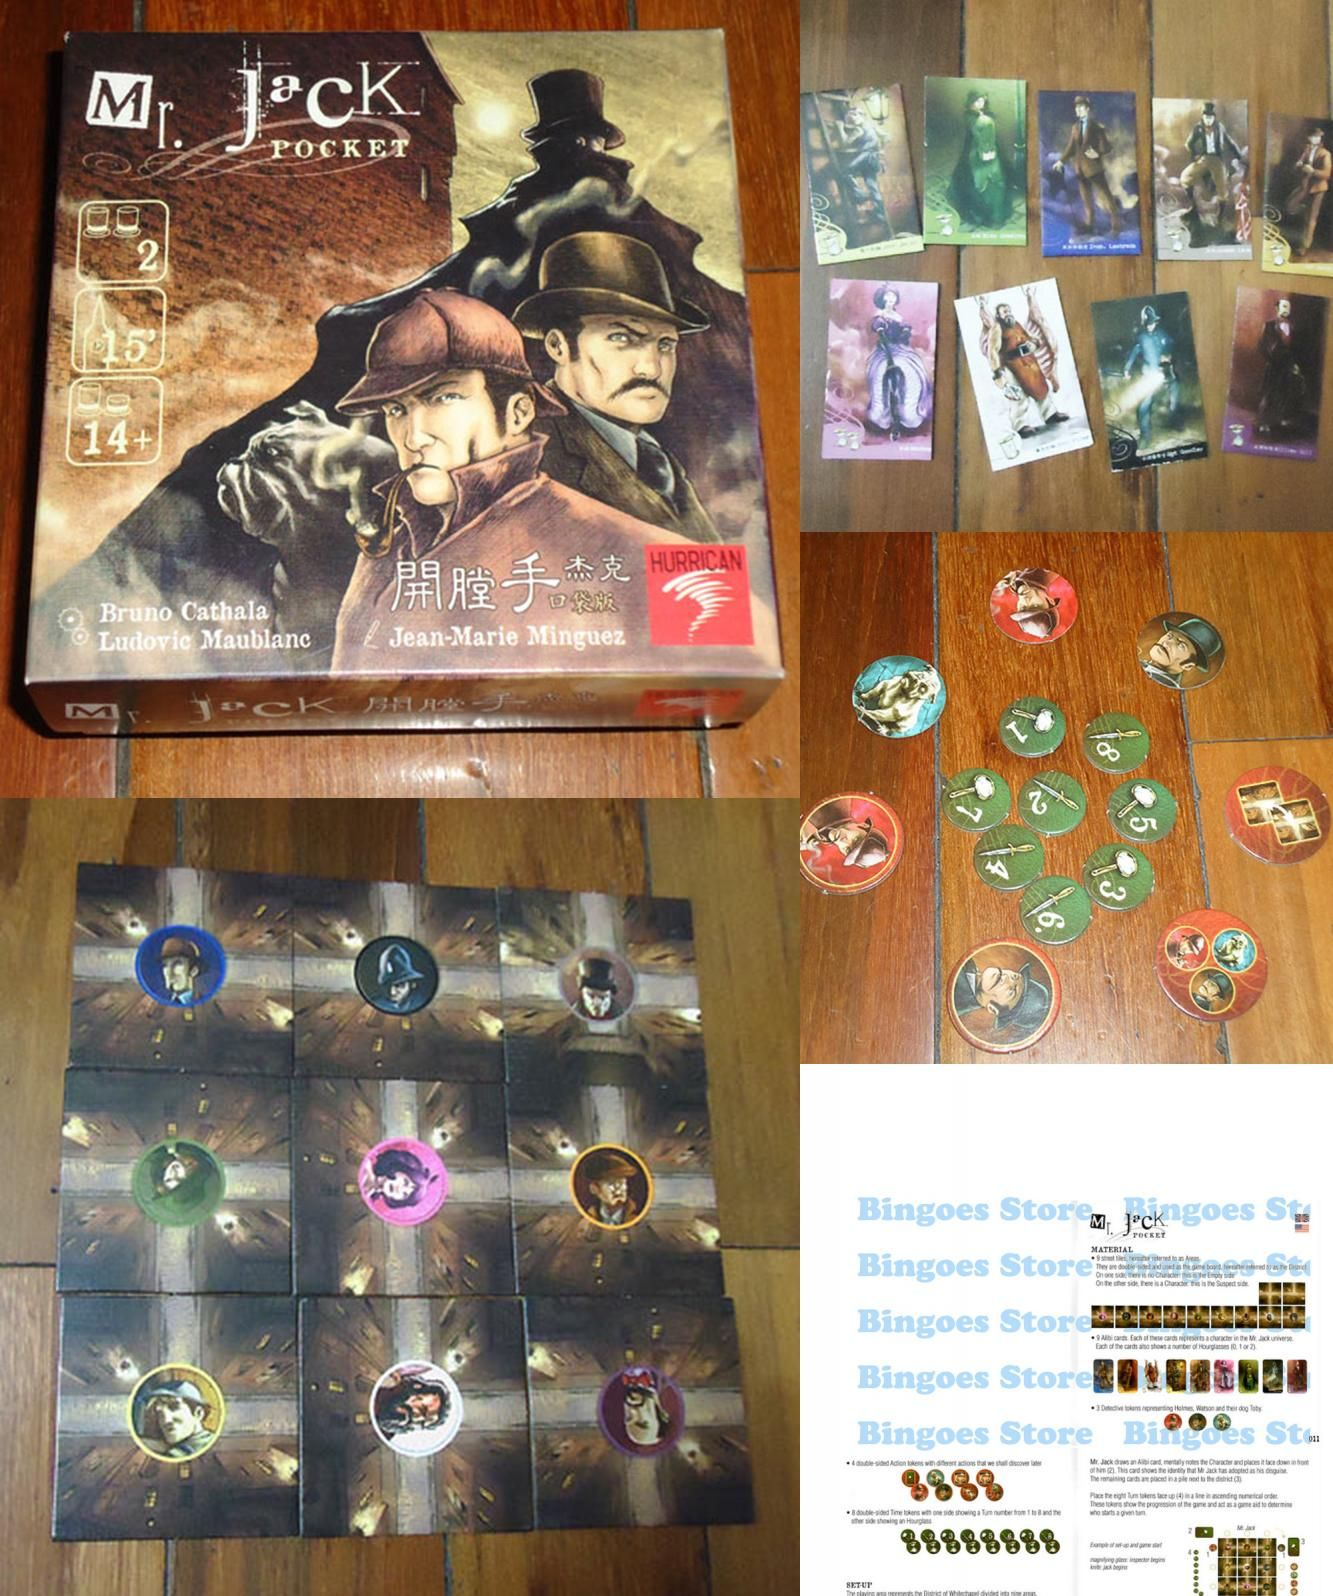 Visit To Buy Mr Jack Pocket Version Board Game Cards Game Send